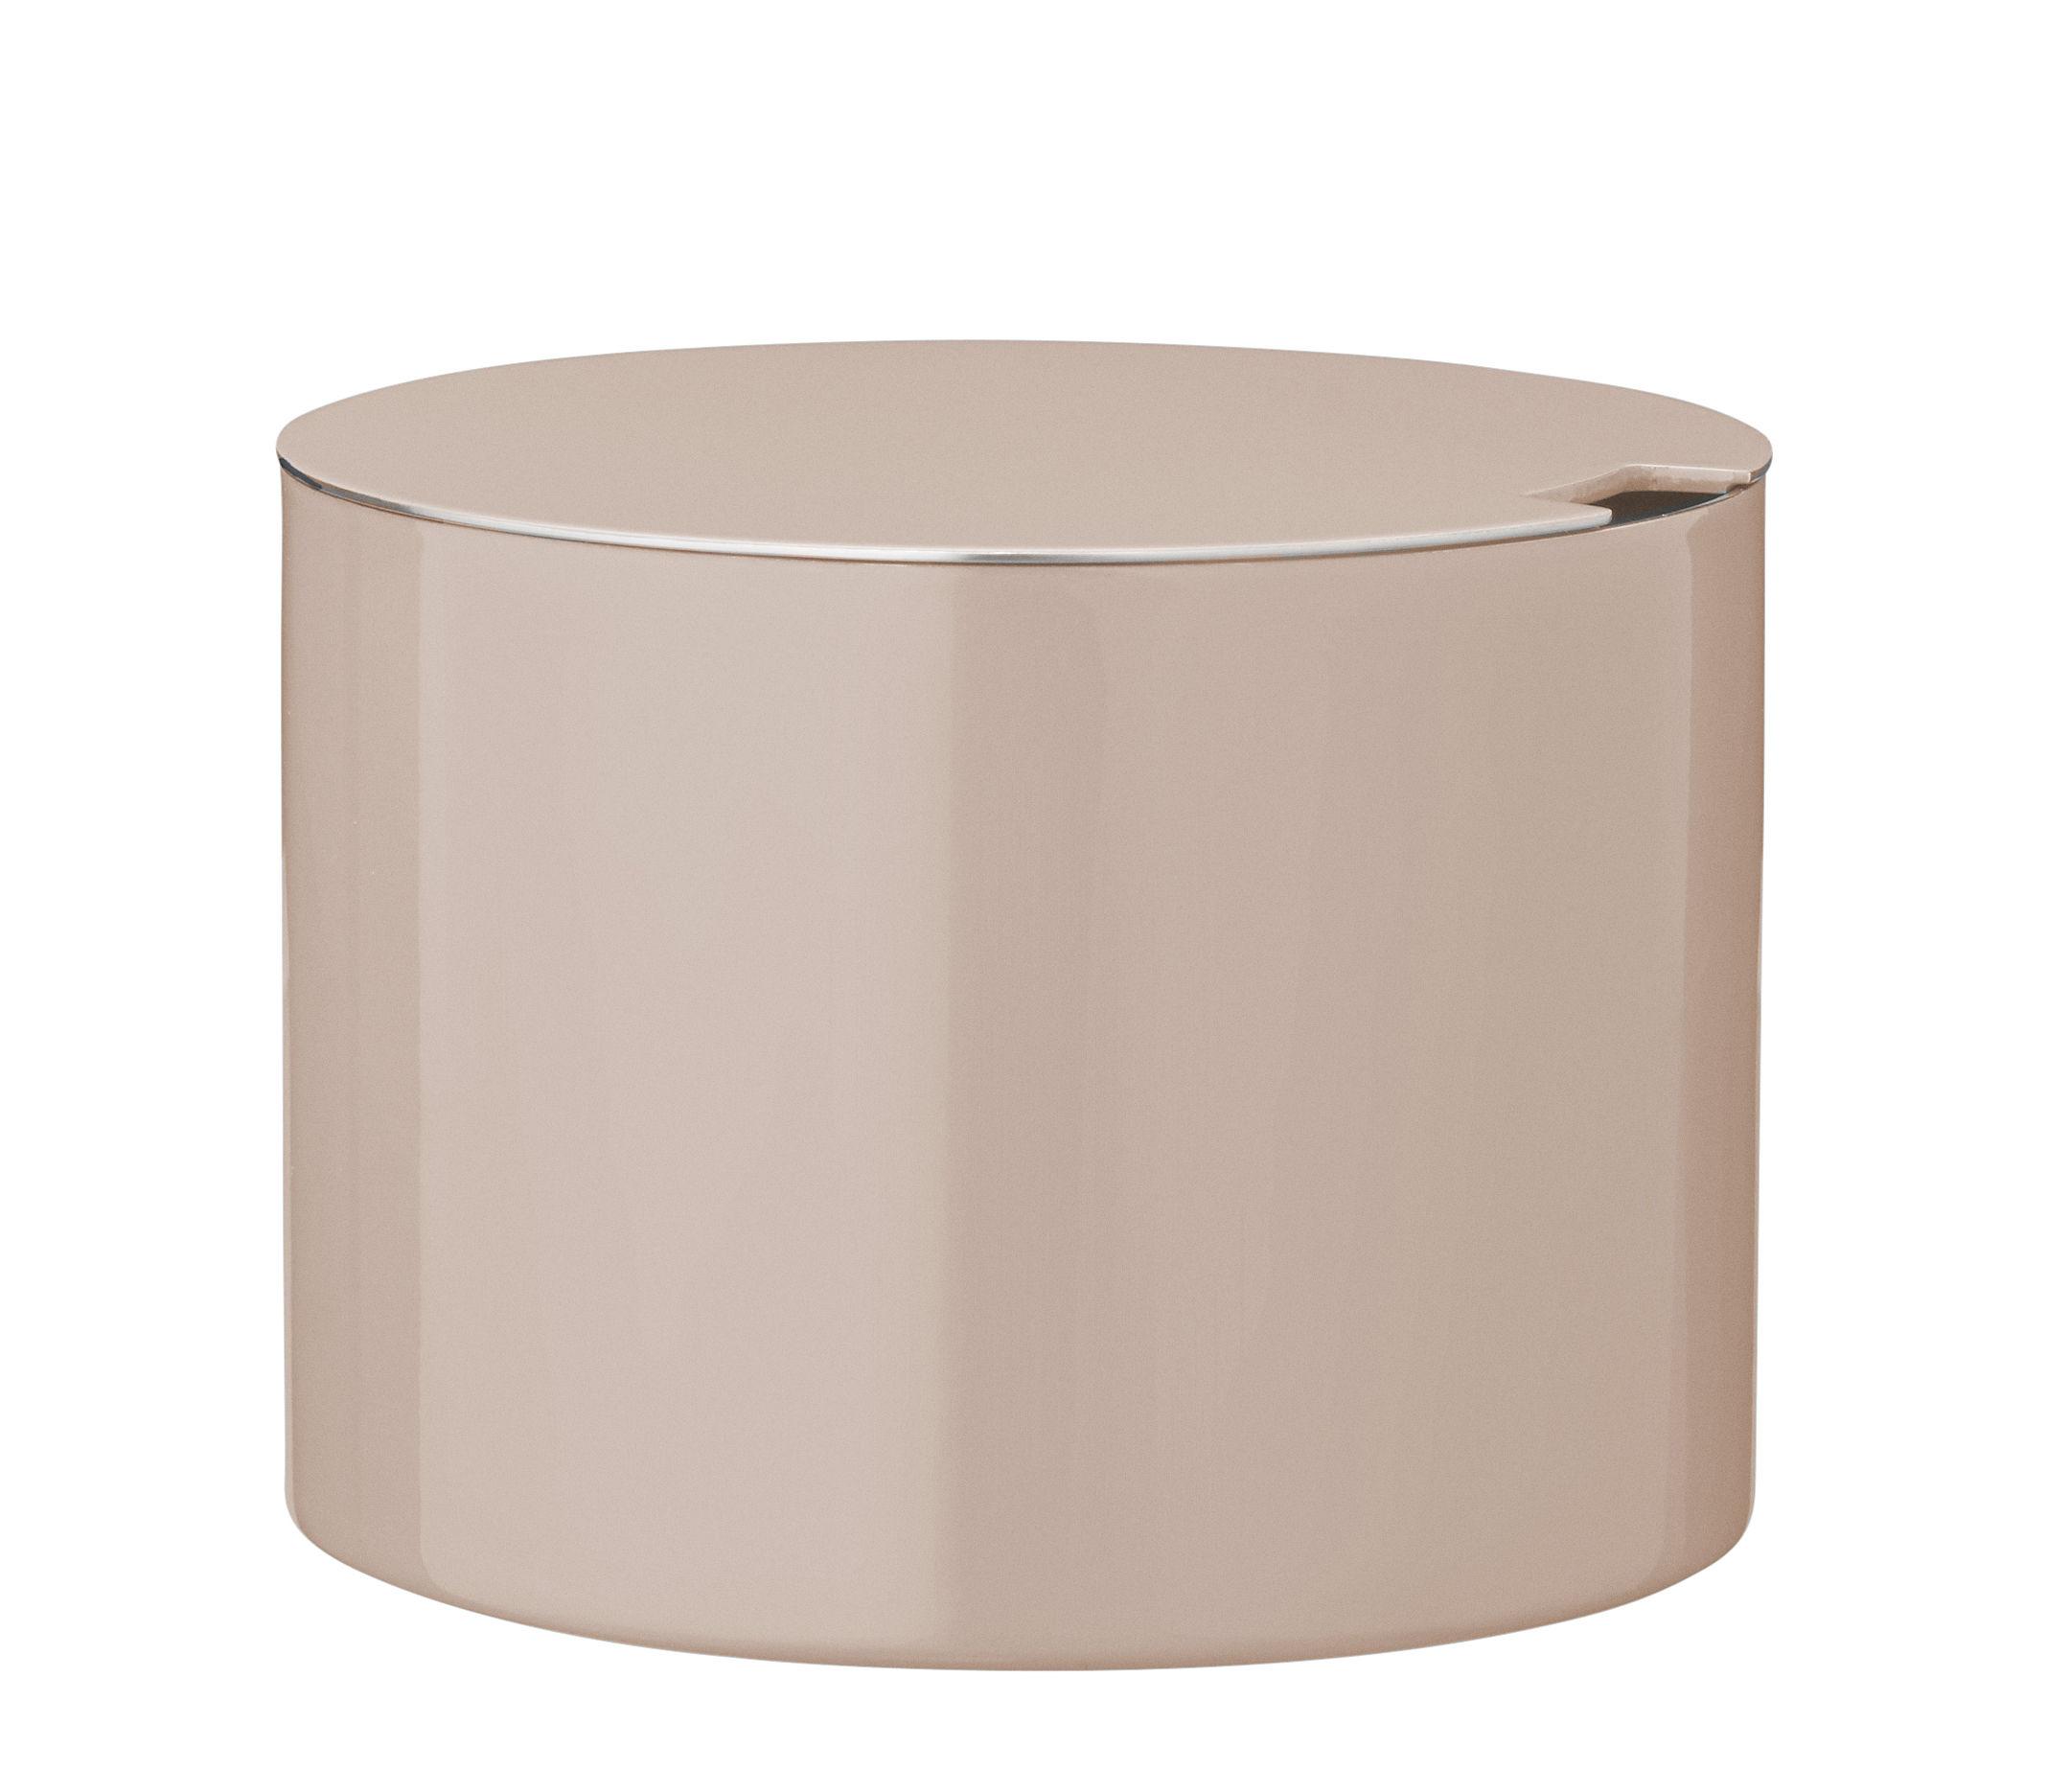 Küche - Zuckerdosen und Milchkännchen - Cylinda-Line Zuckerdose / Arne Jacobsen 1967 - Stelton - Rosa (matt) - Stahl, rostfrei und emailliert